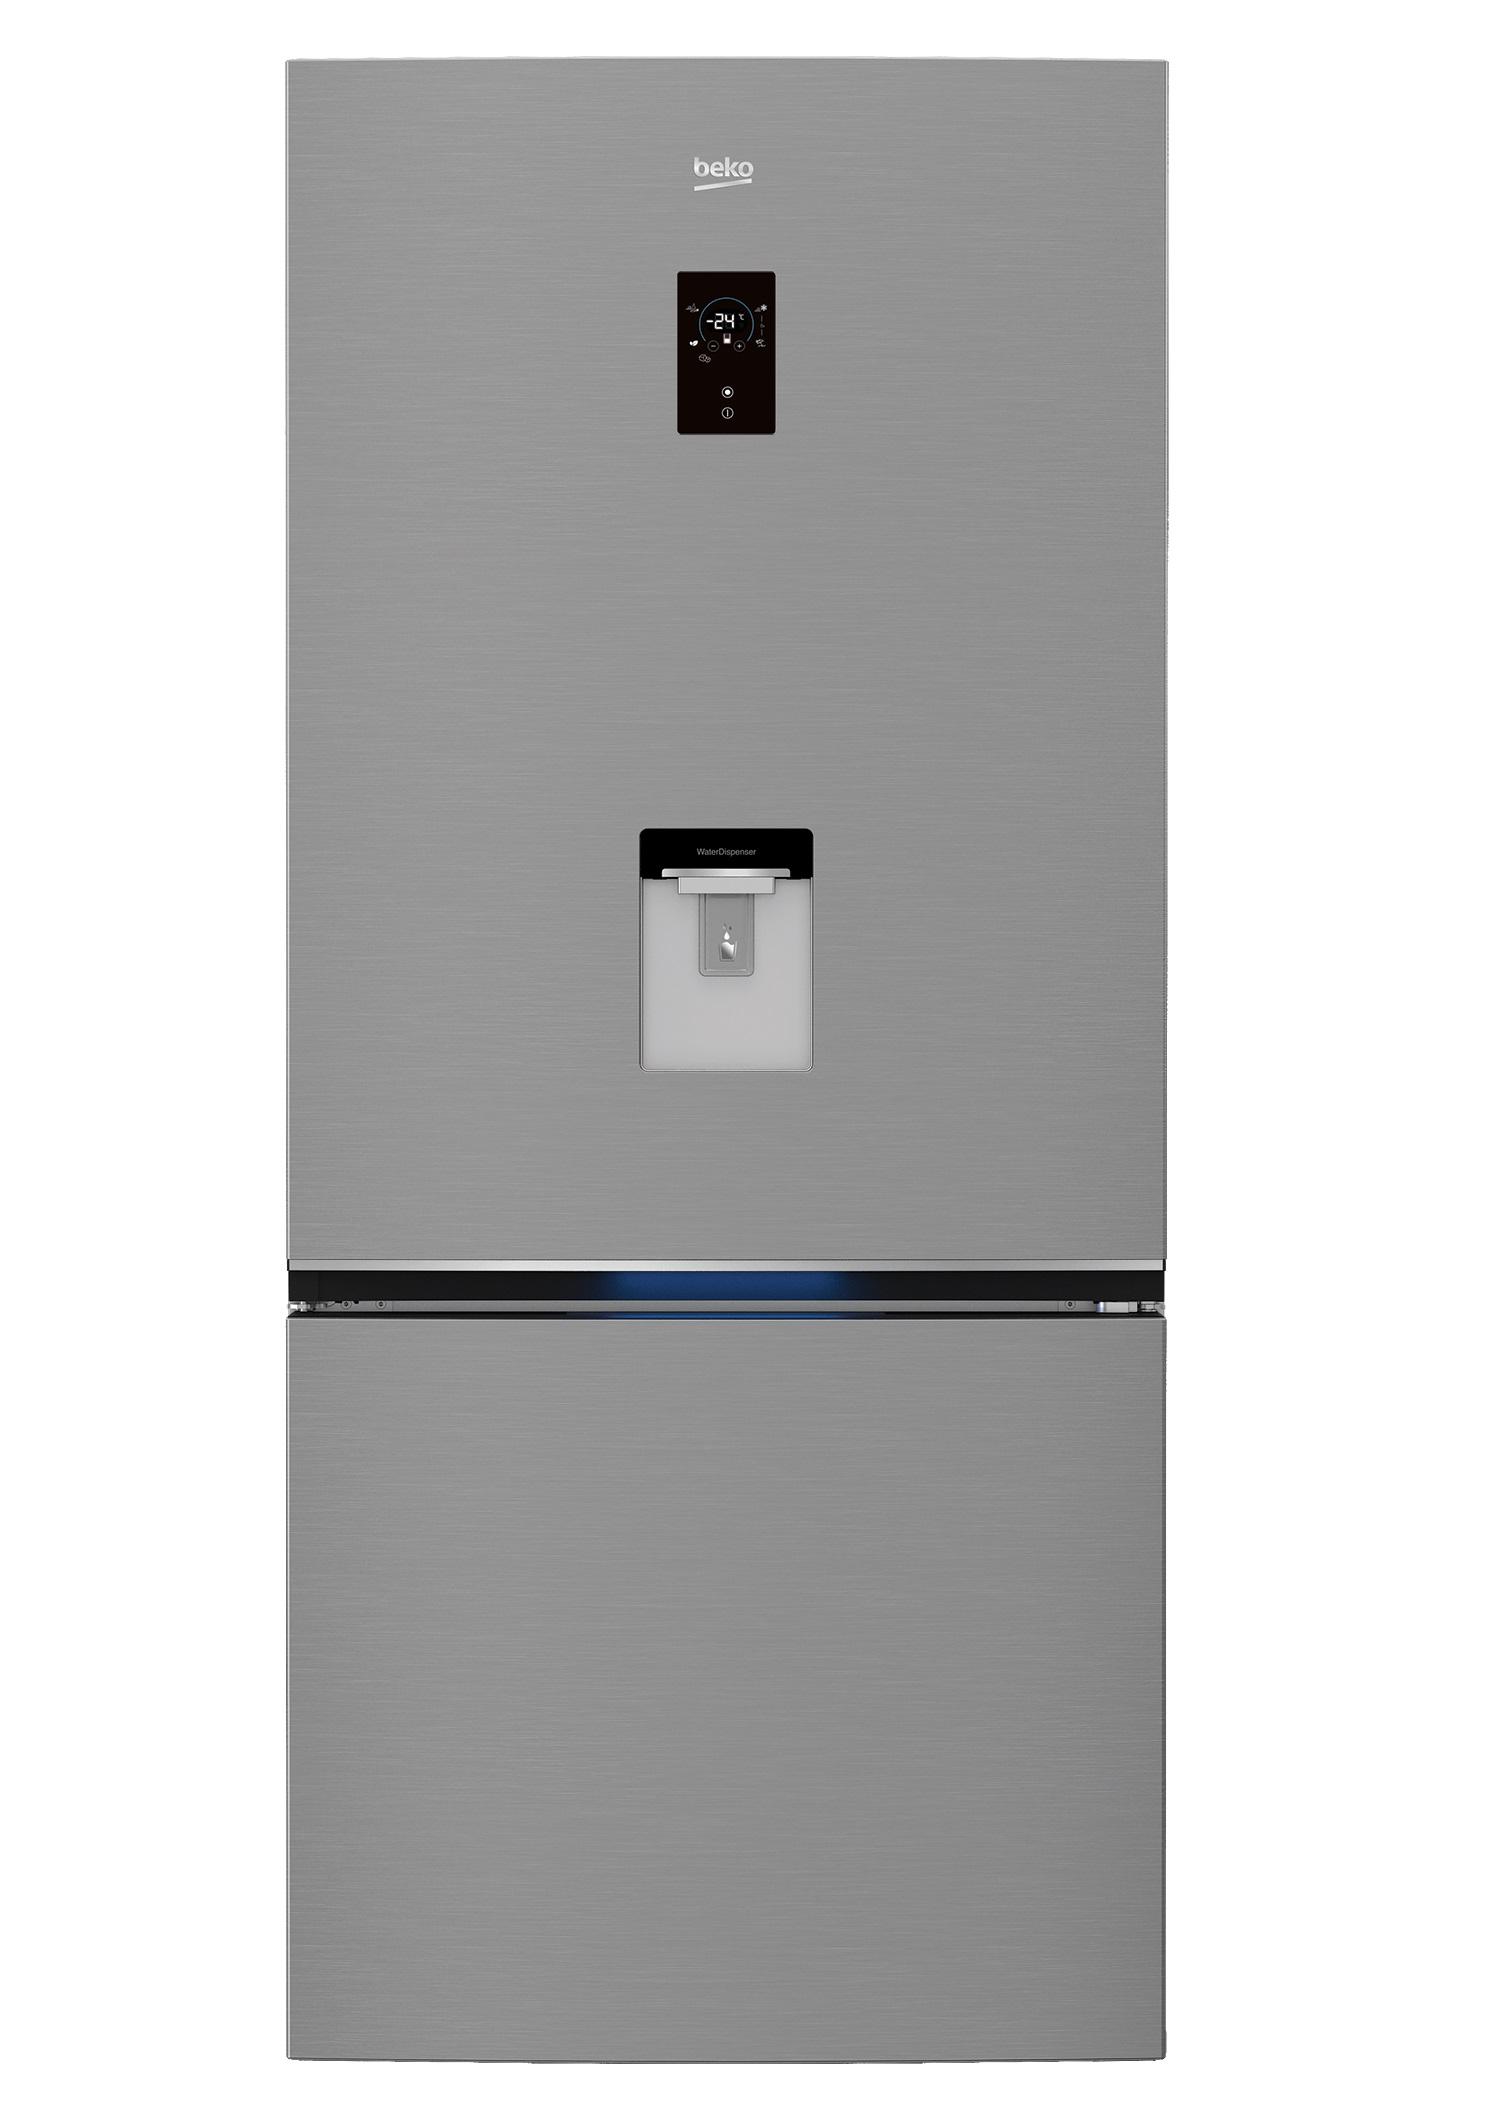 Quel Refrigerateur Choisir Guide Comparatif Et Conseils Beko France